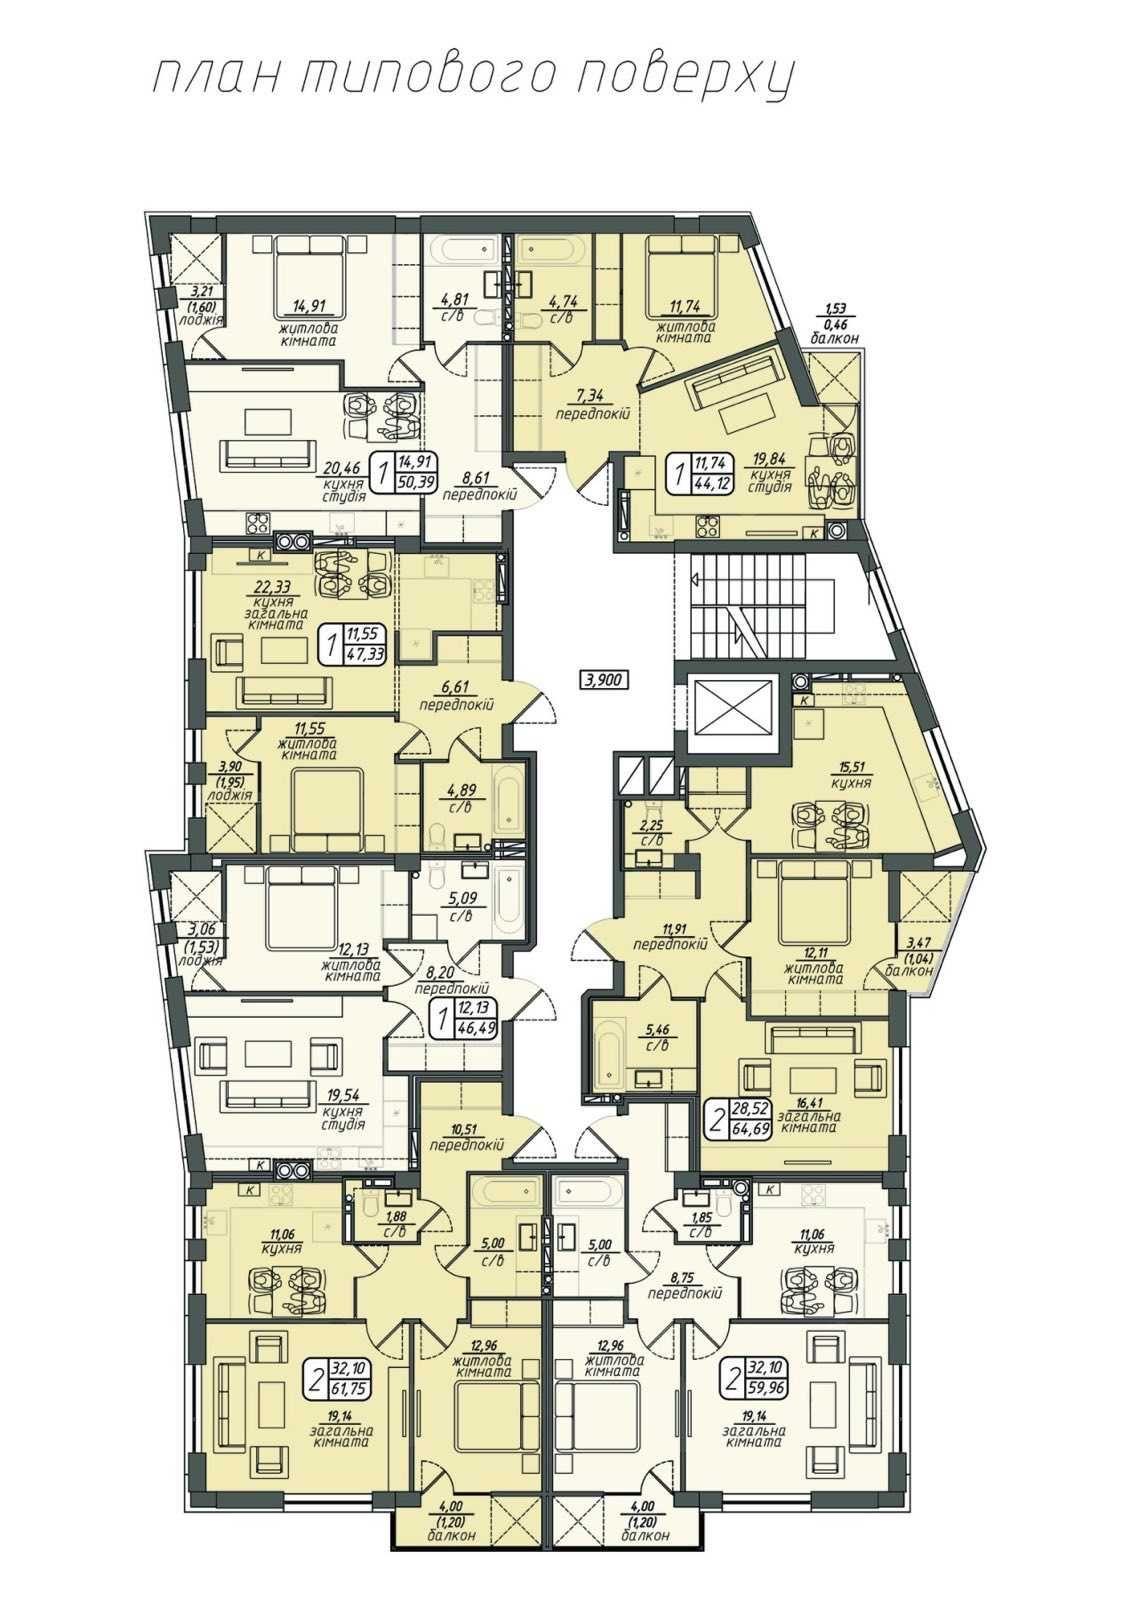 ПРОДАЖ 1 та 2 кімнатних квартир в новобудові в ЦЕНТРІ ВІННИЦІ.